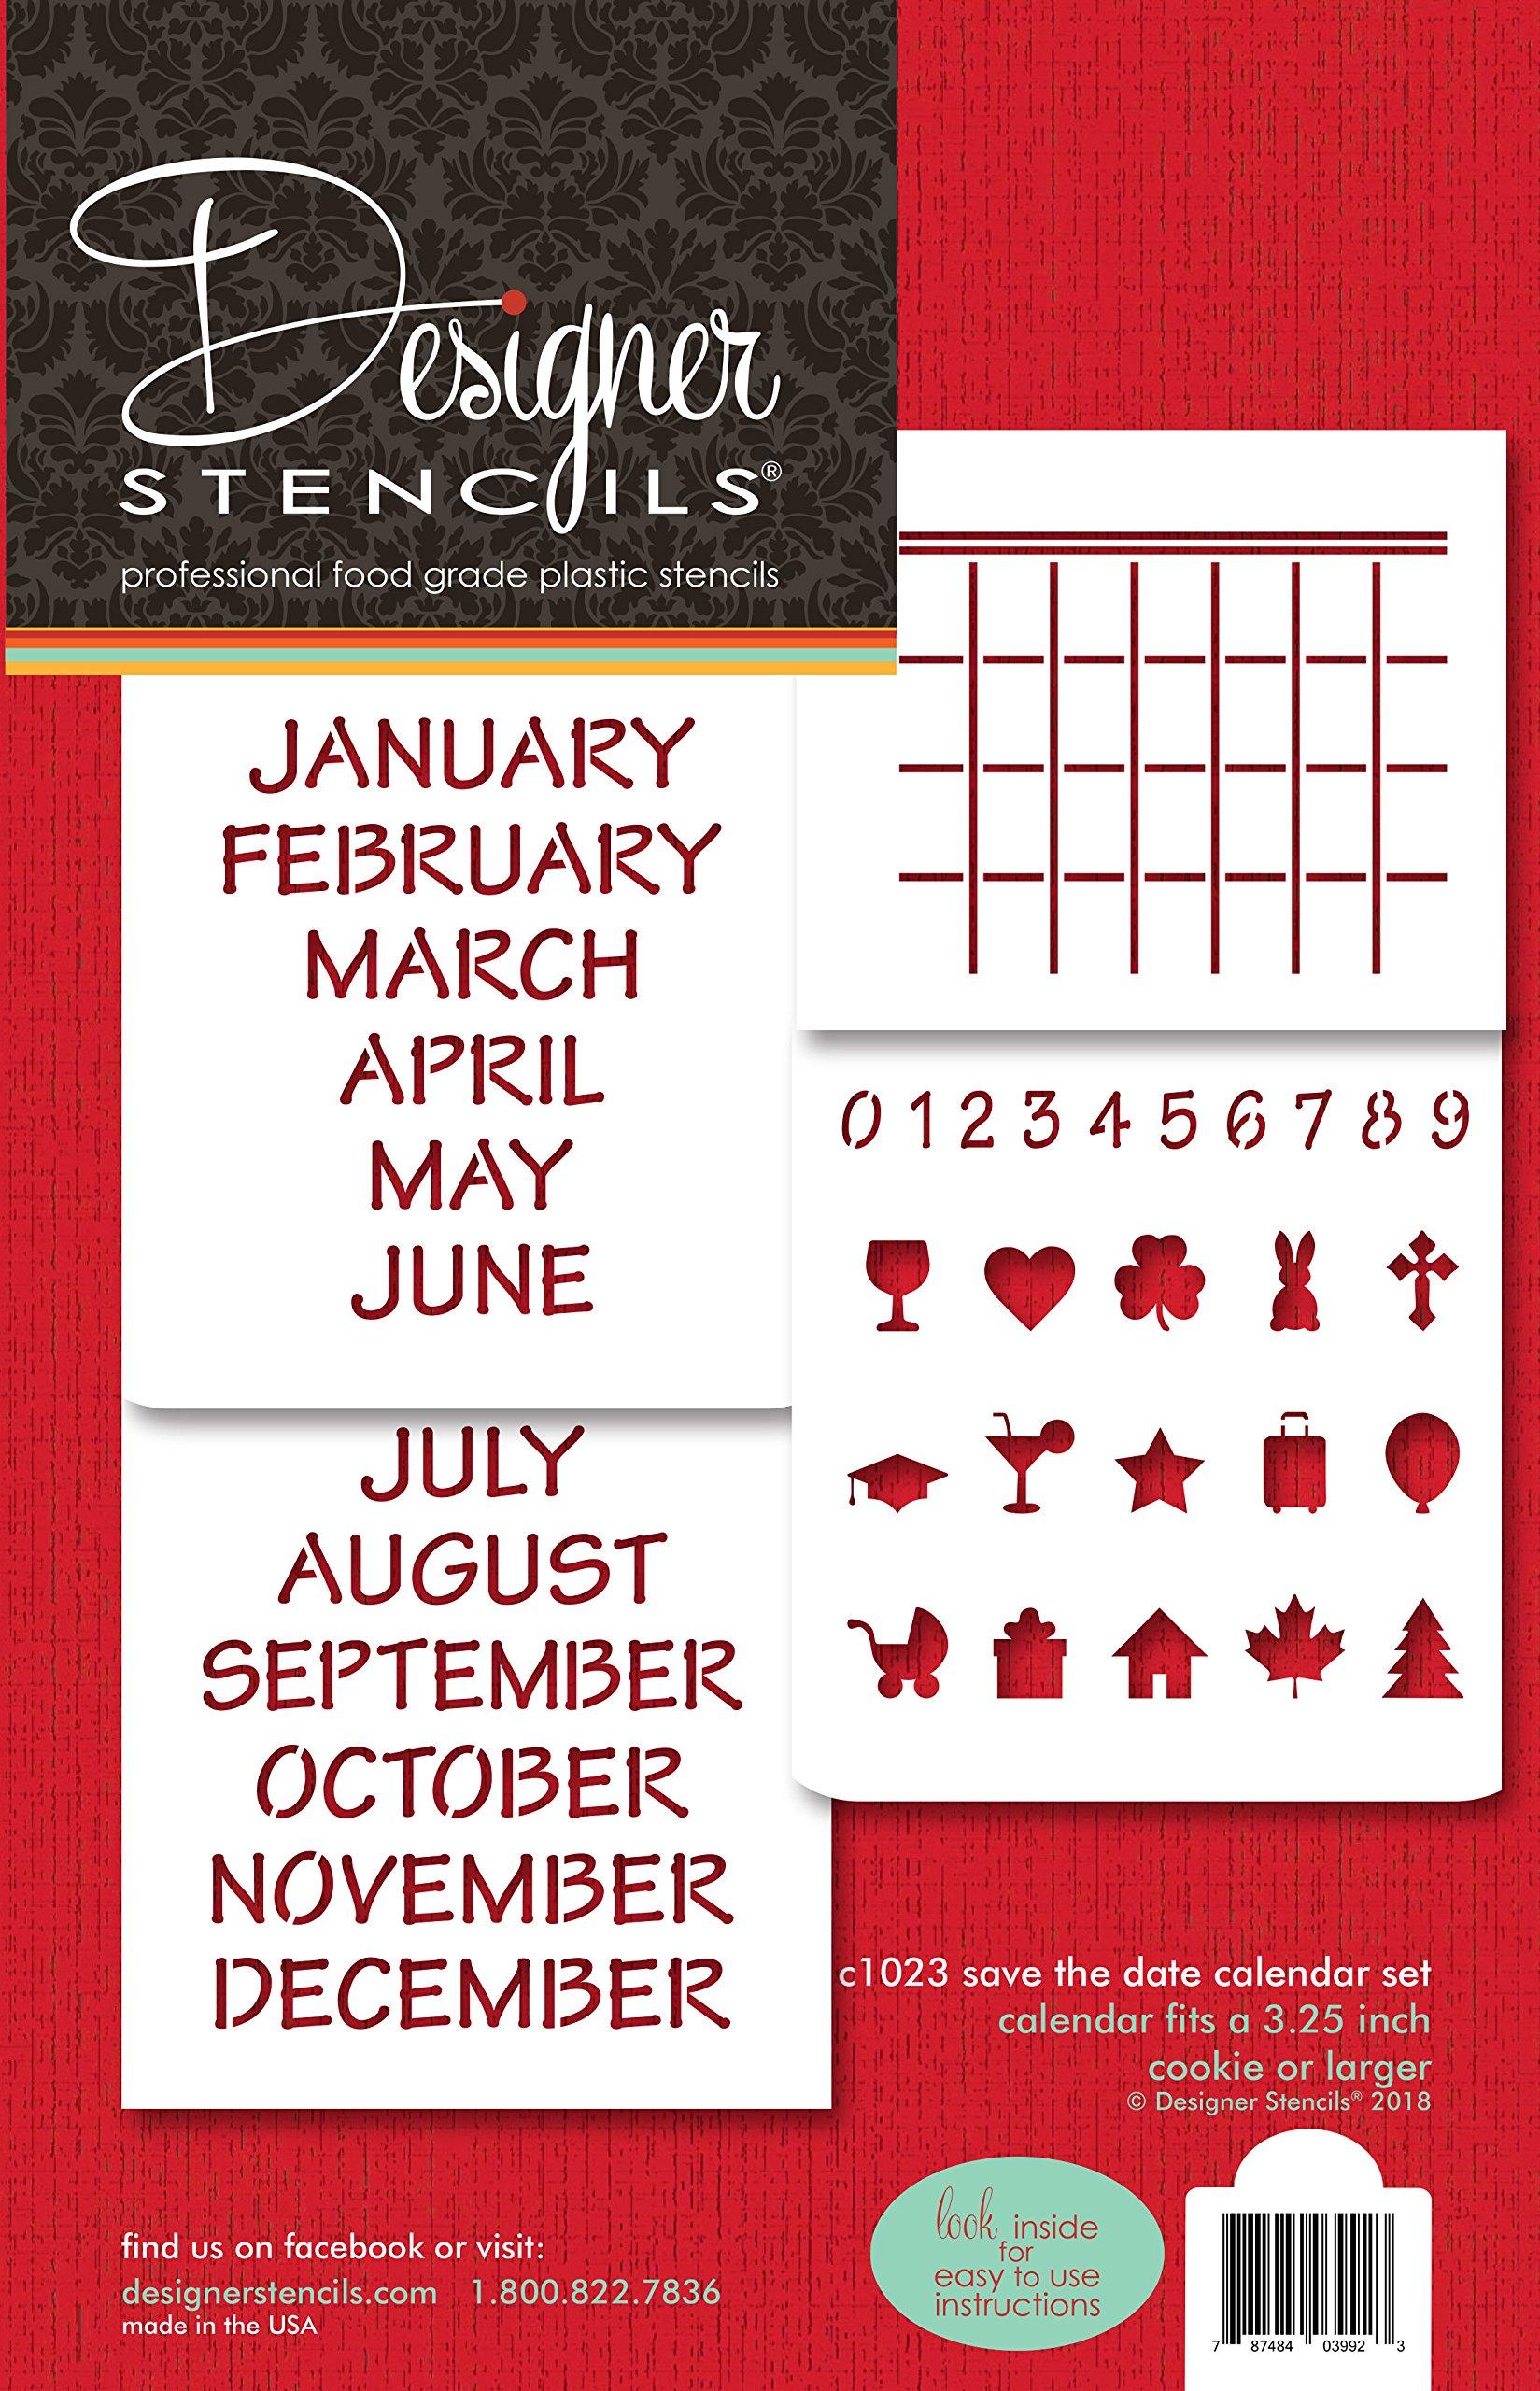 Save the Date Calendar Cookie Stencil Set C1023 by Designer Stencils